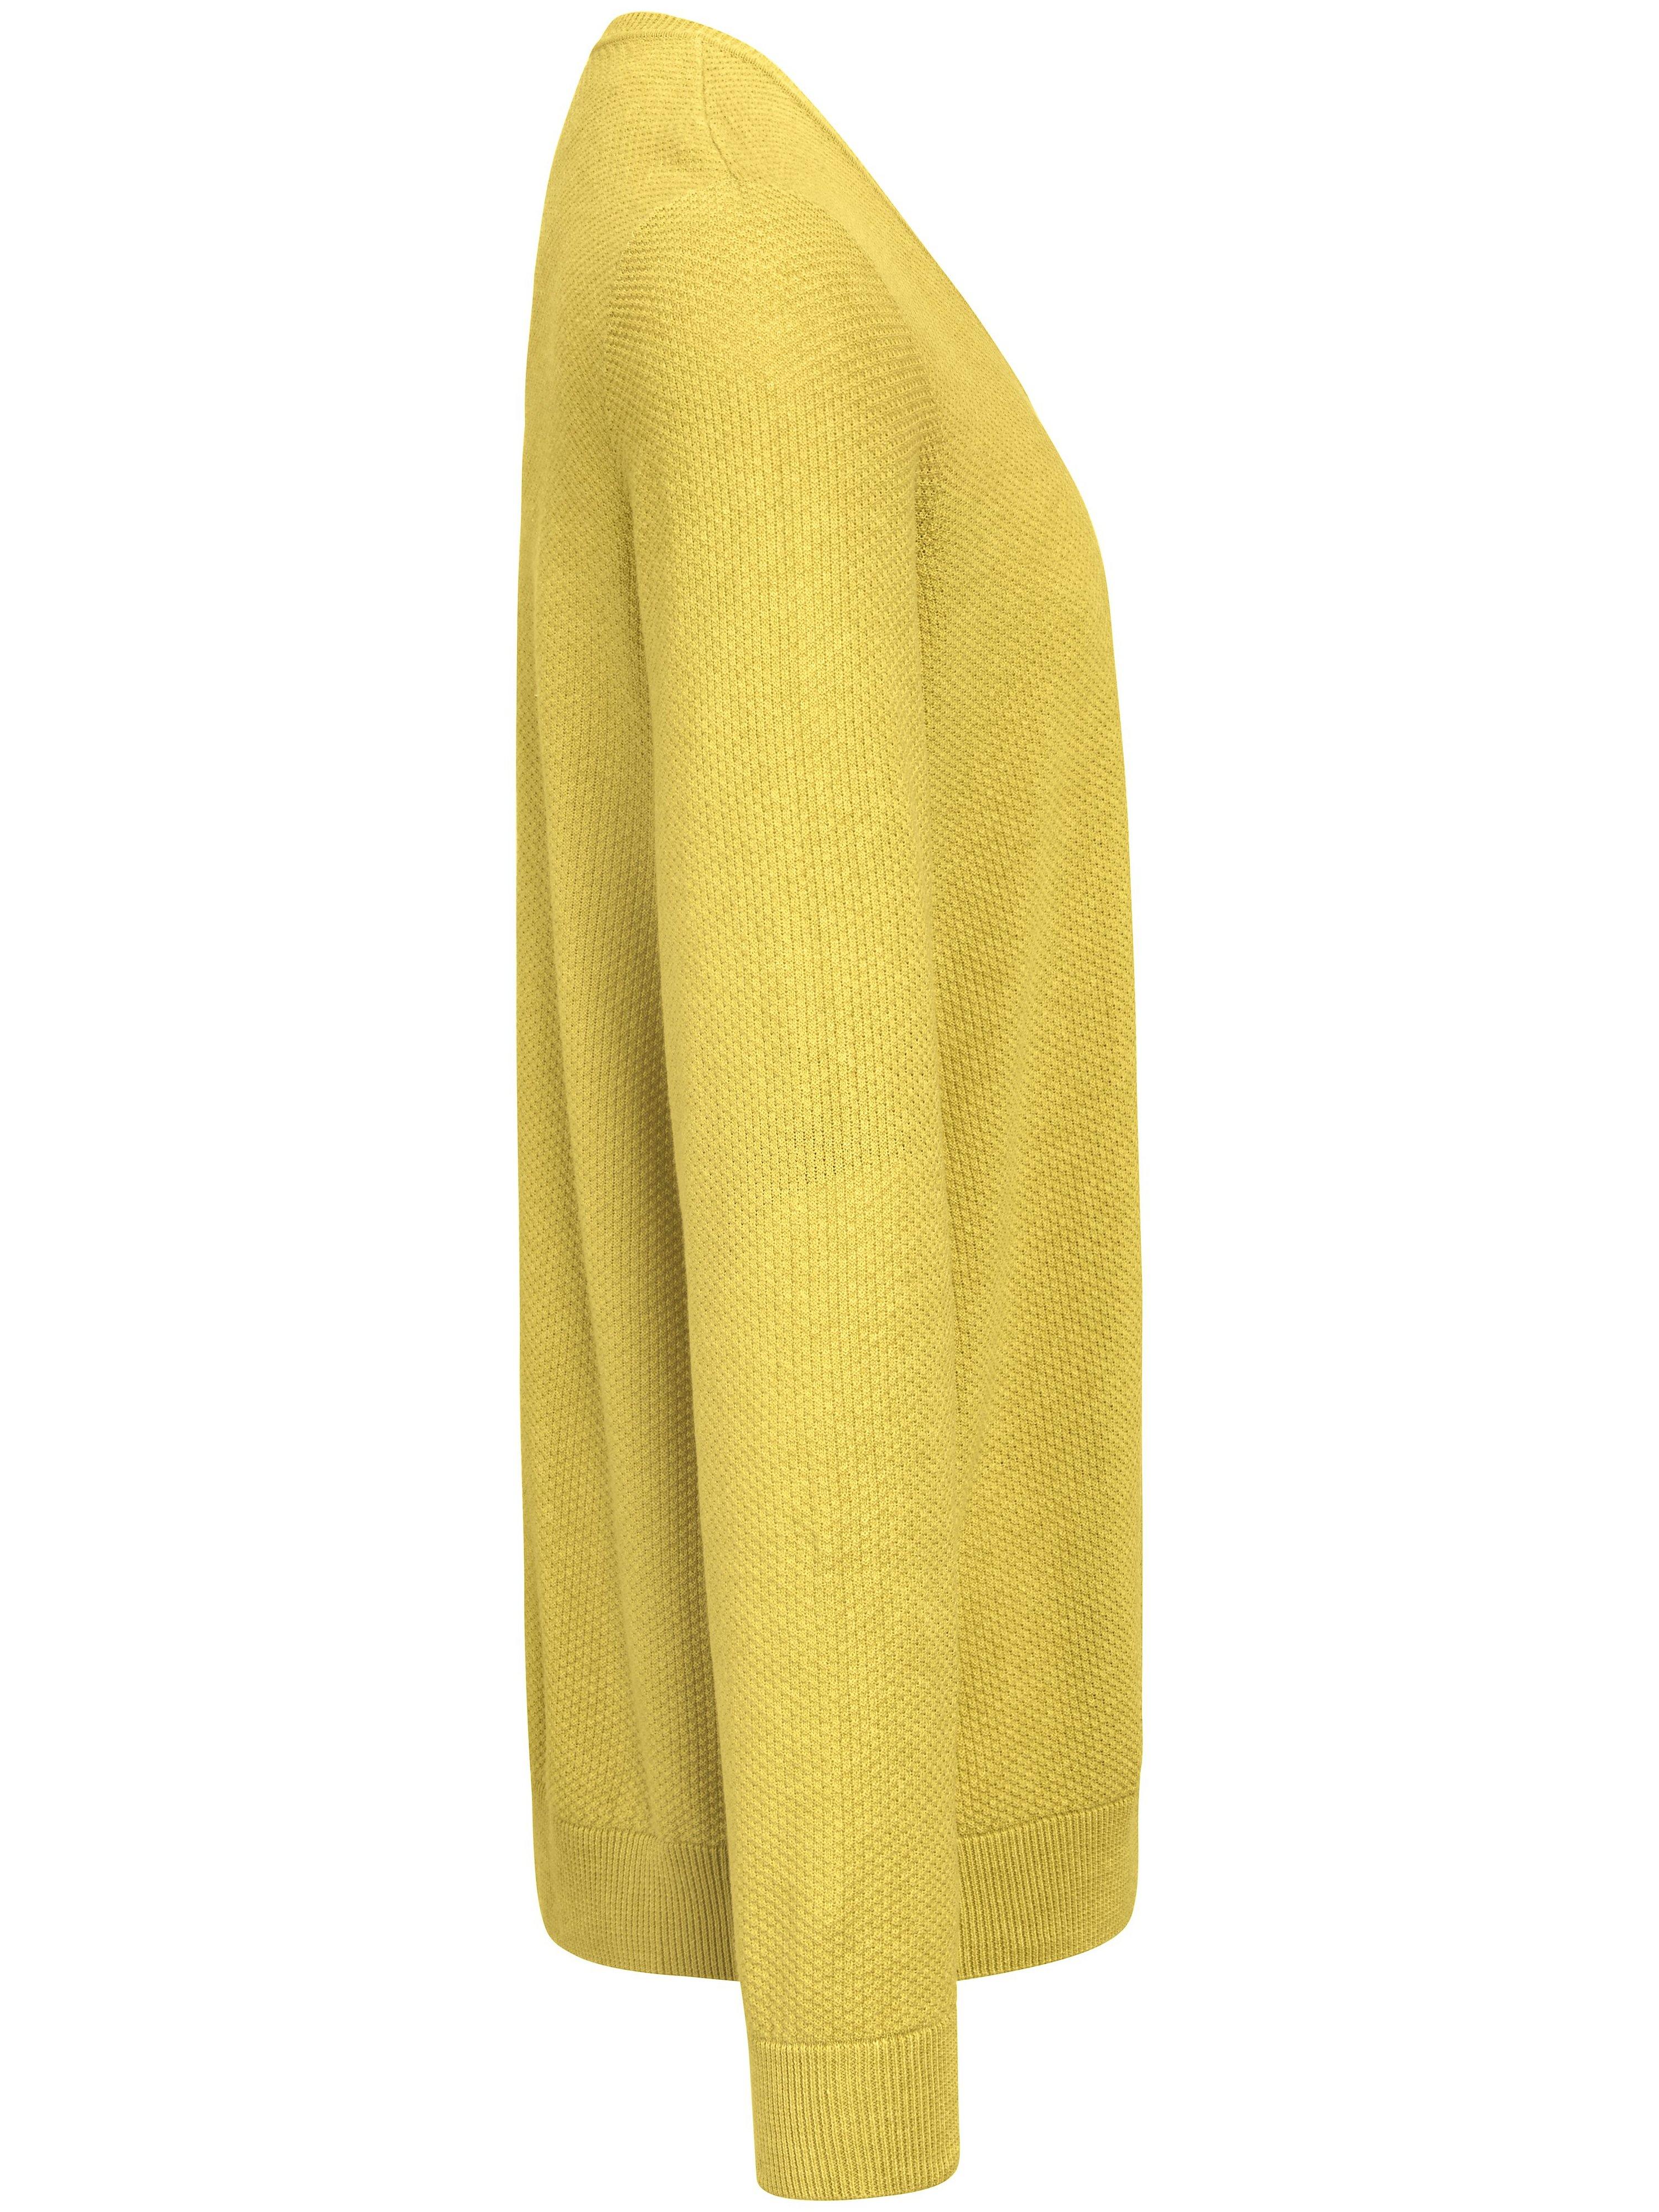 Strikbluse V-udskæring Fra Louis Sayn gul